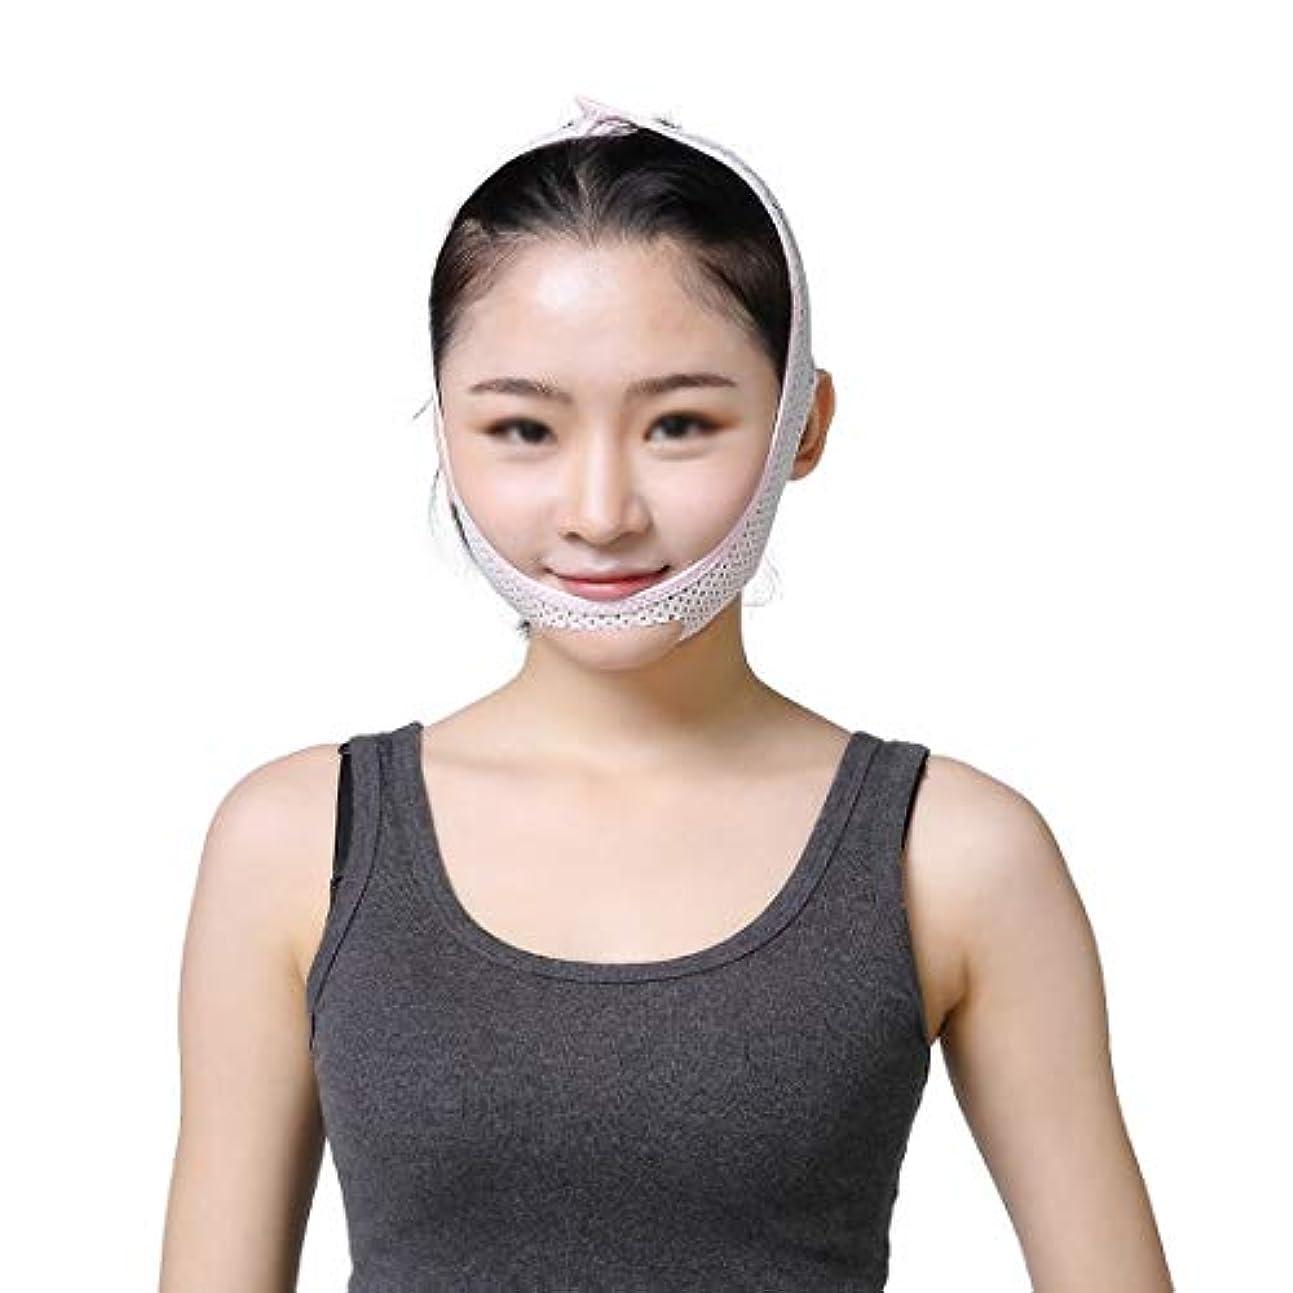 資格舗装任命するZWBD フェイスマスク, 薄い顔包帯美容機器持ち上がる引き締めダブルチン判決V顔の引き締め痩身包帯引き締めフェイシャルマッサージ (Size : L)